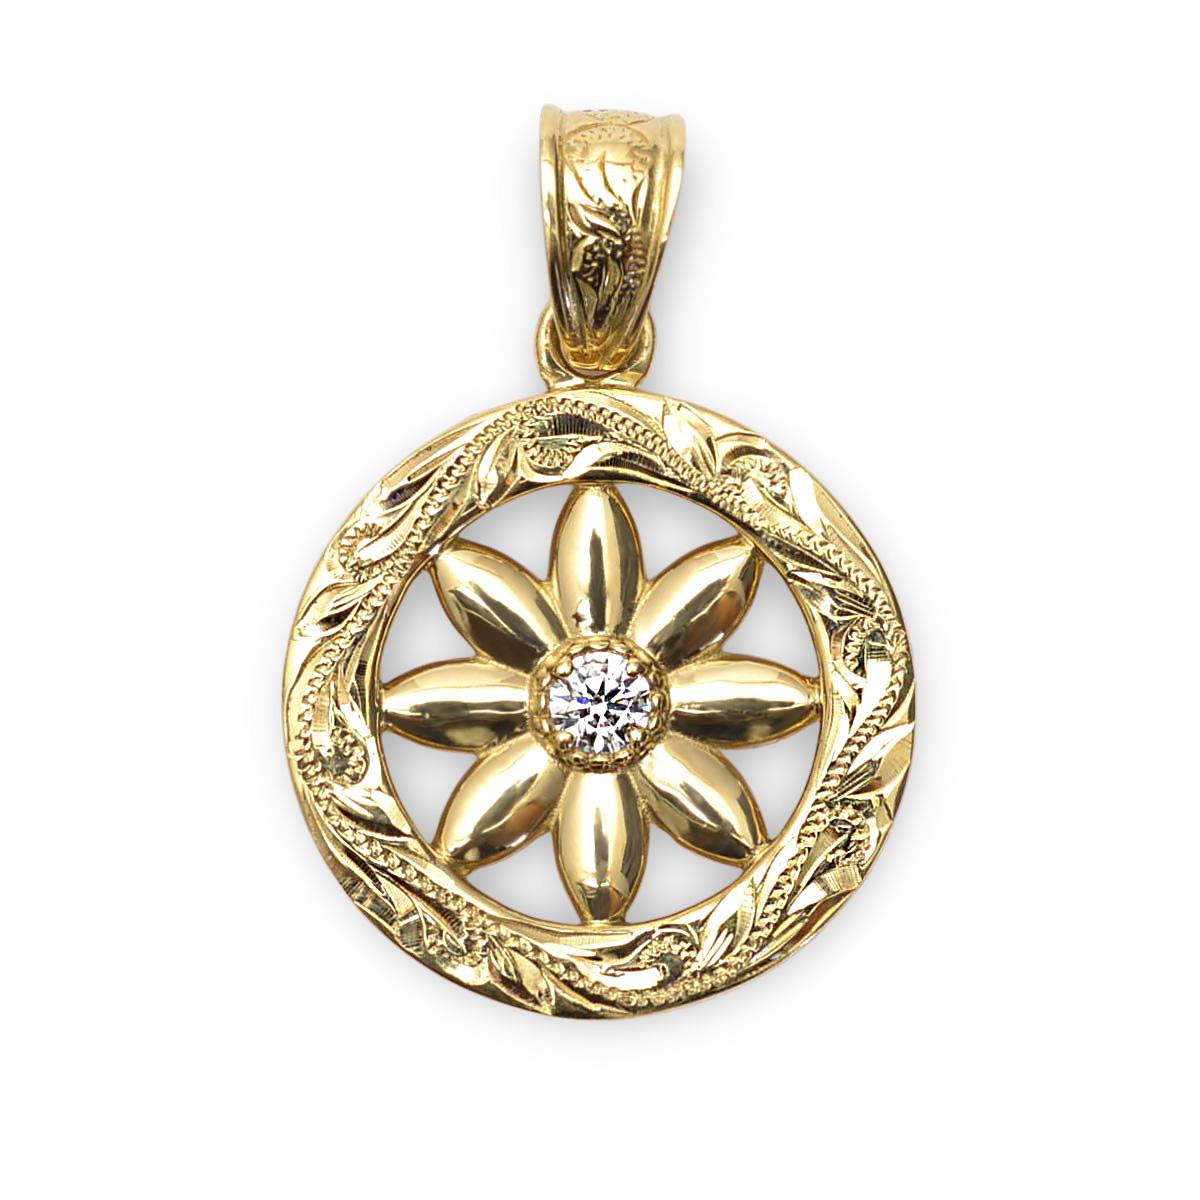 ゴールドネックレス K18 ゴールド 18金 ダイヤモンド ネックレス ハワイアンジュエリー スクロールラウンド ティアレ ダイアモンド ペンダントトップ 0.06ct 新作